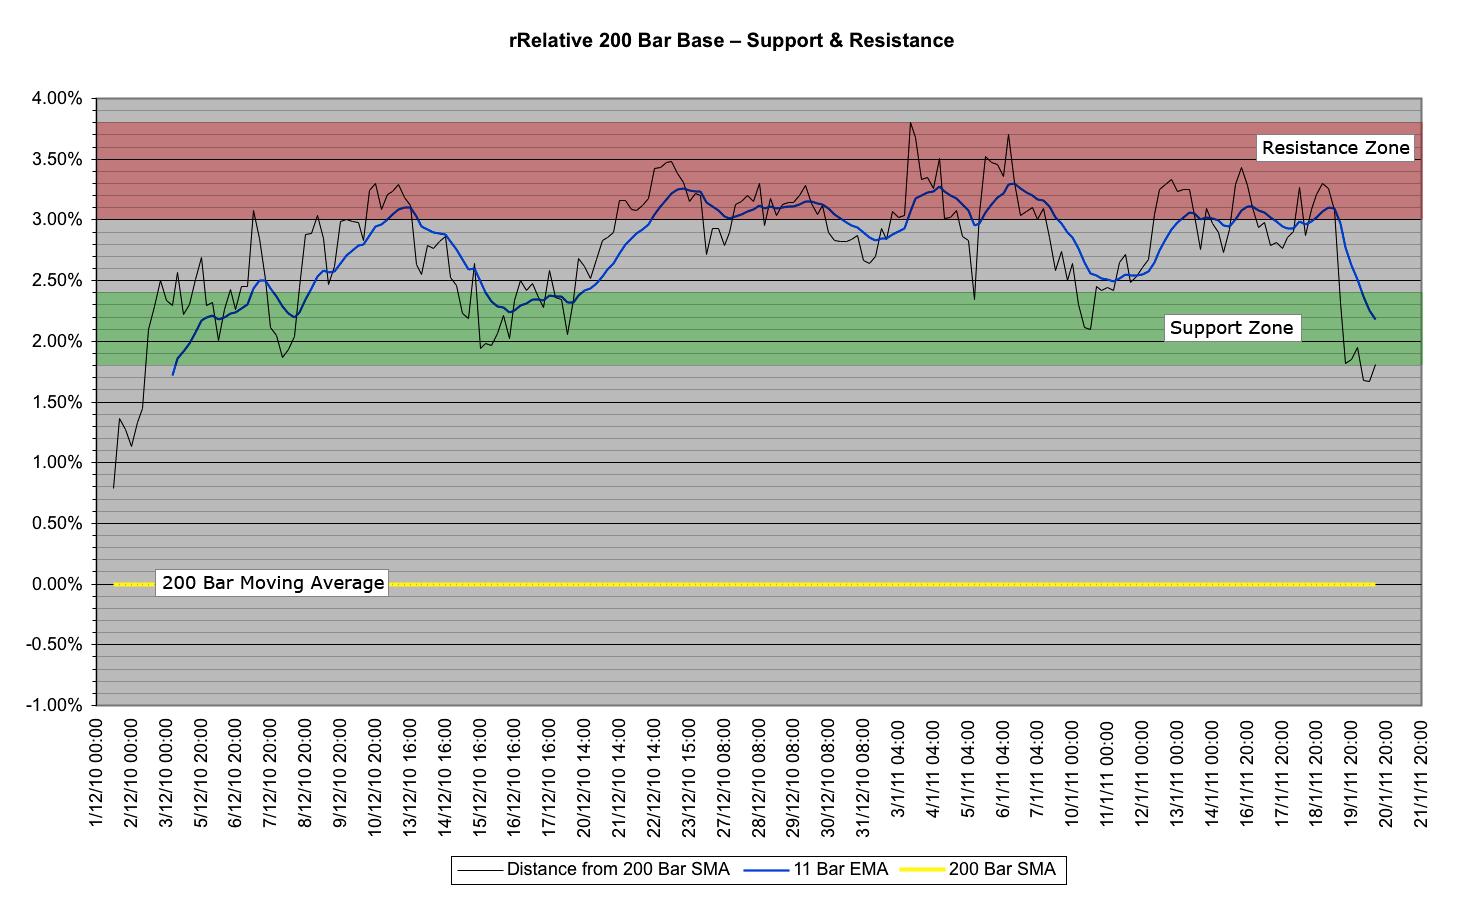 rrelative-suppres-20-1-11.png